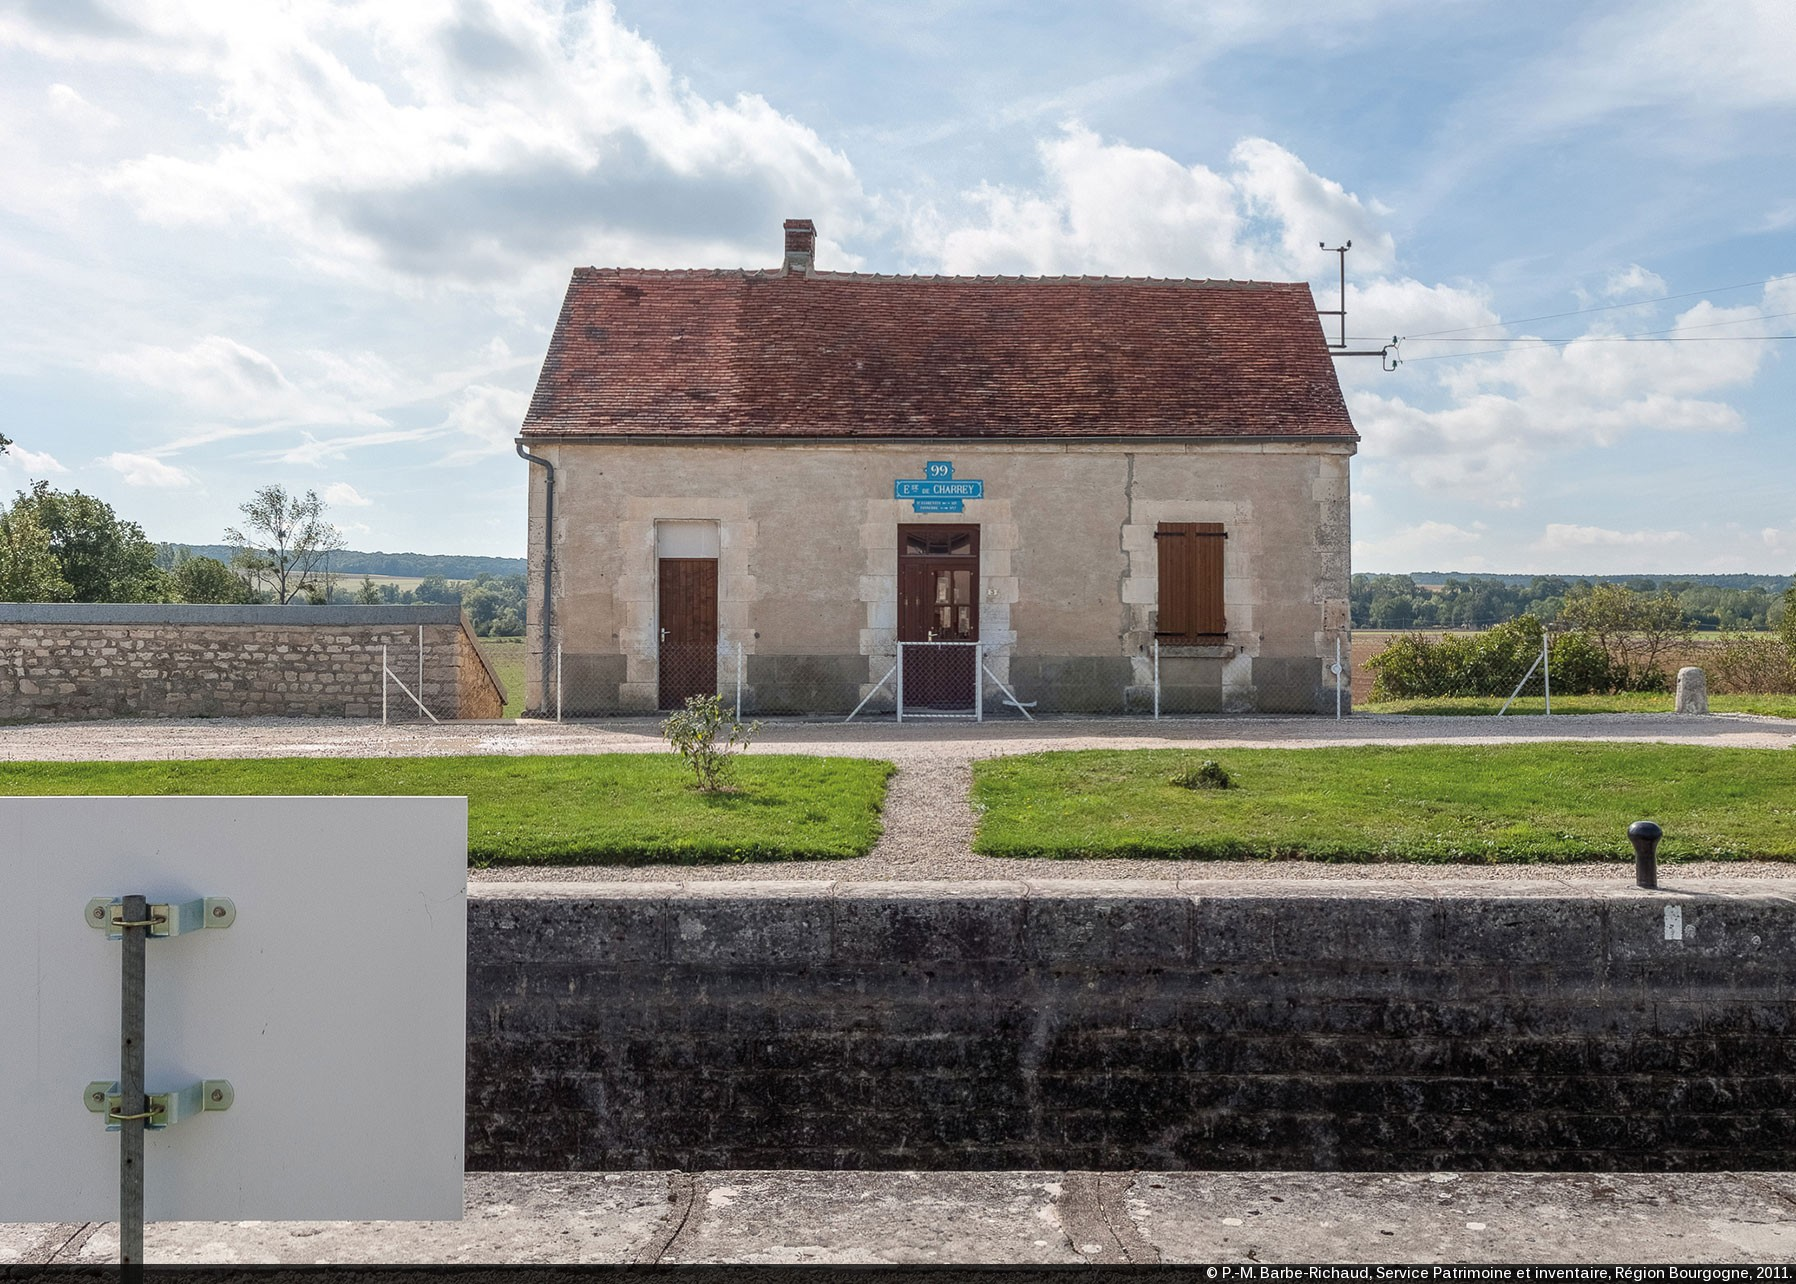 Canaux de Bourgogne : Curiosités sur la maison 99 du versant Yonne